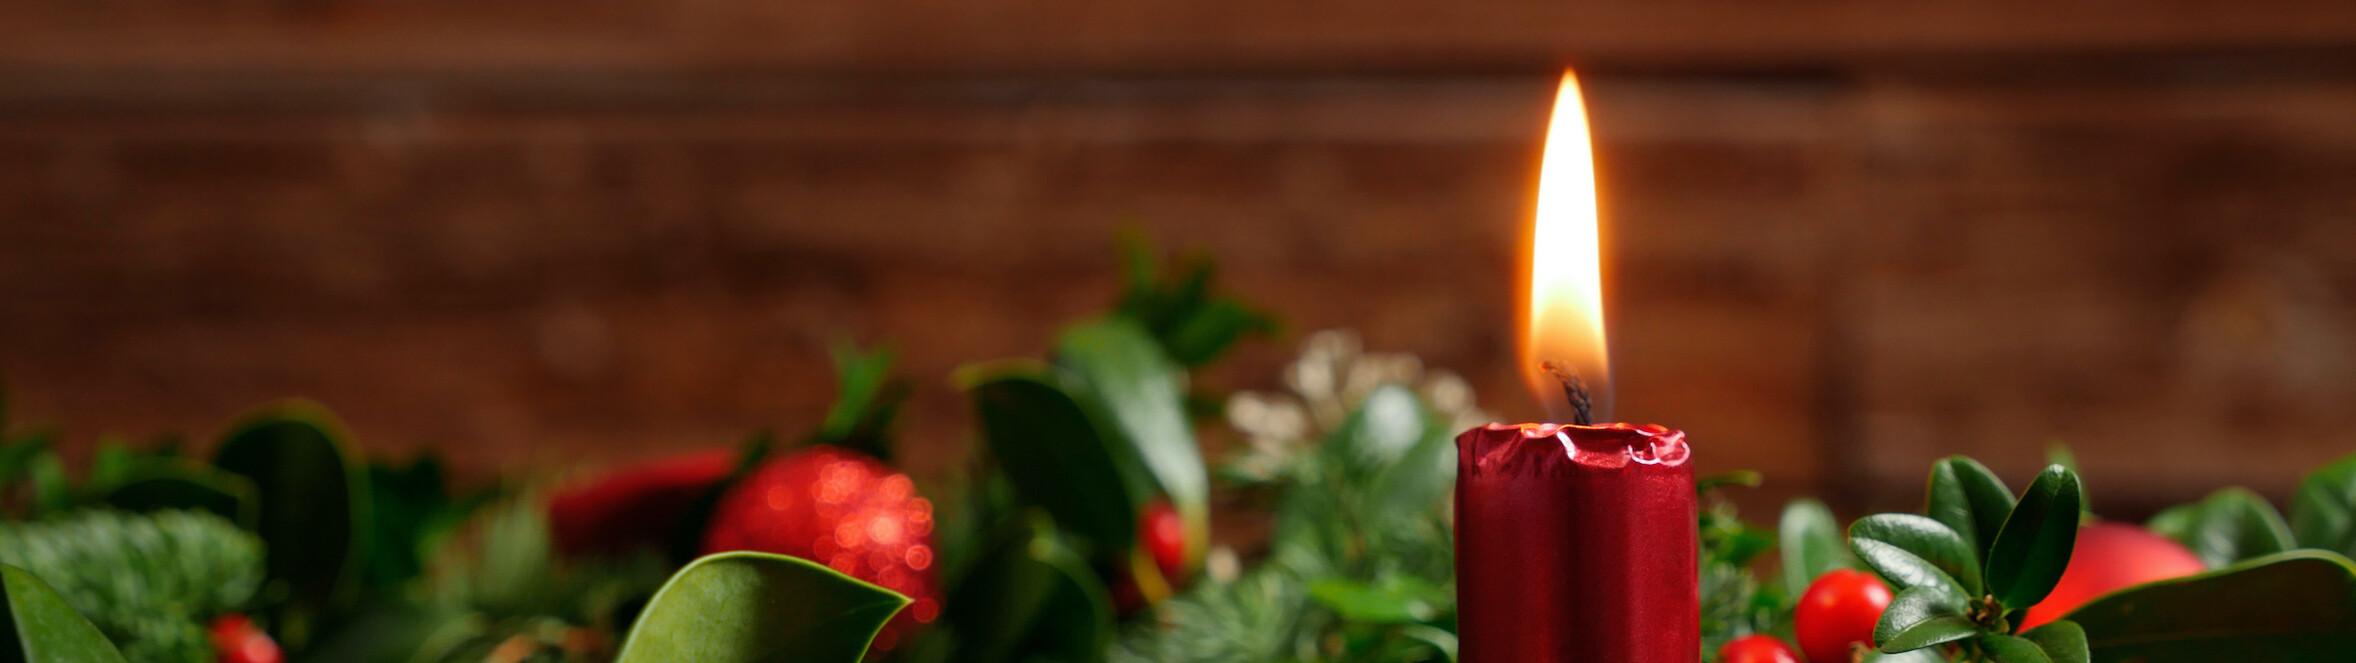 Weihnachten im Antoniushaus der Kreuzschwestern in Feldkirch, Vorarlberg